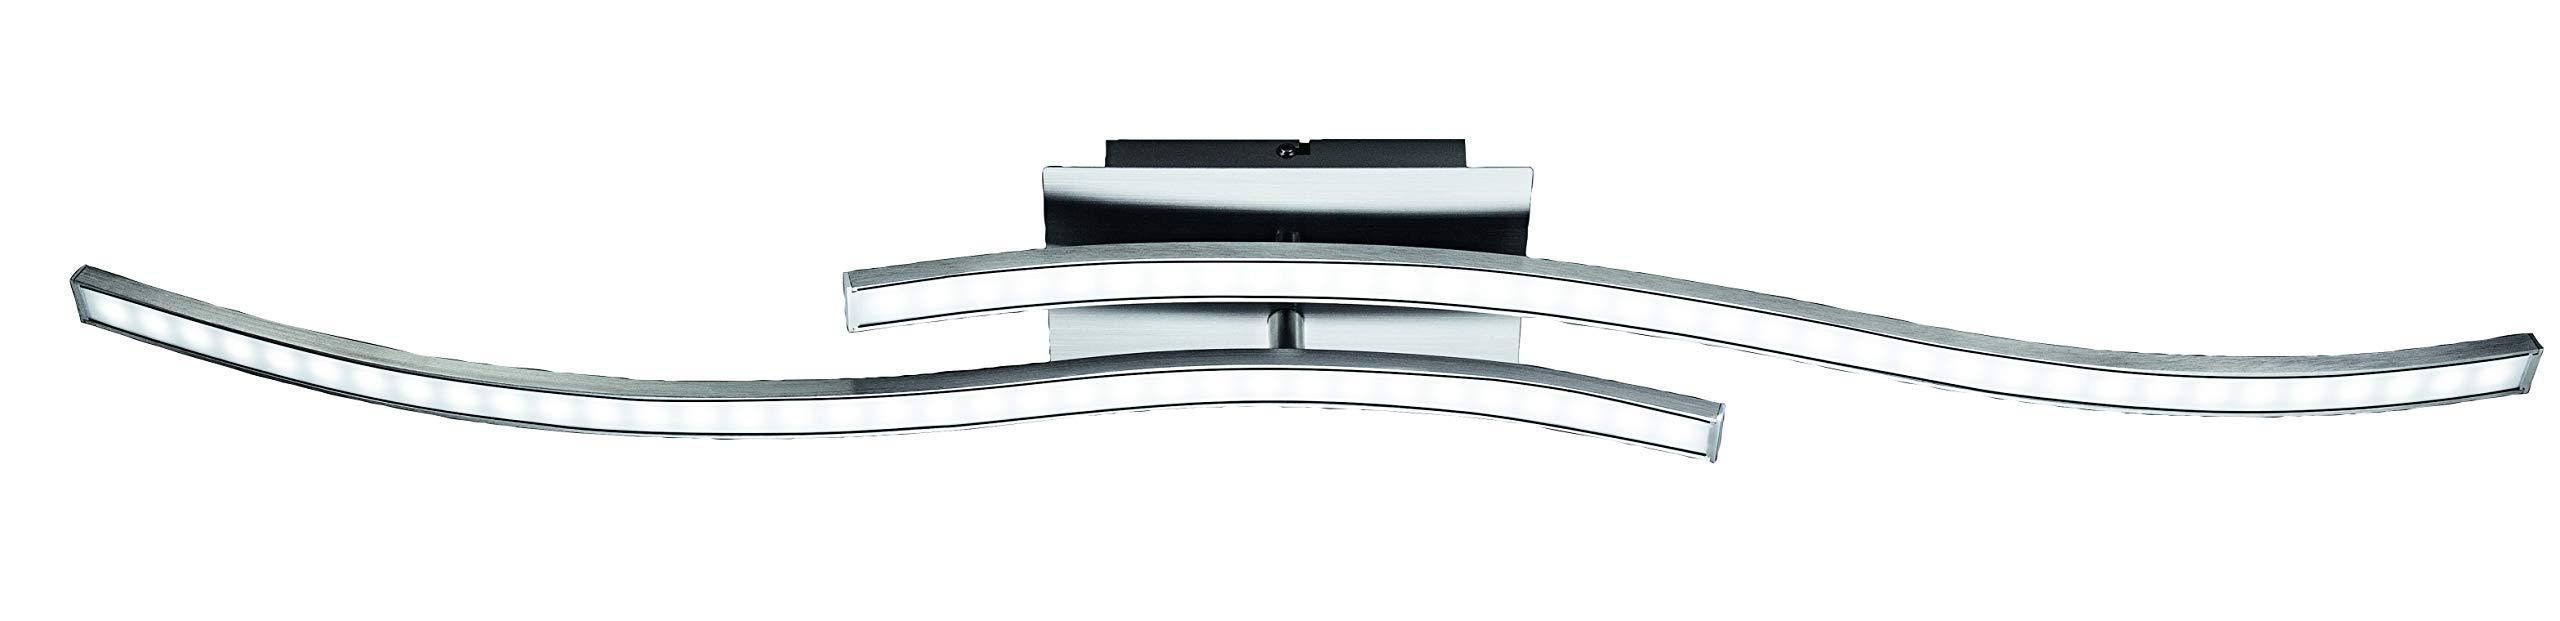 Plafoniera a LED colore alluminio 700 lumen Briloner Leuchten plafoniera a soffitto orientabile 6,5 watt